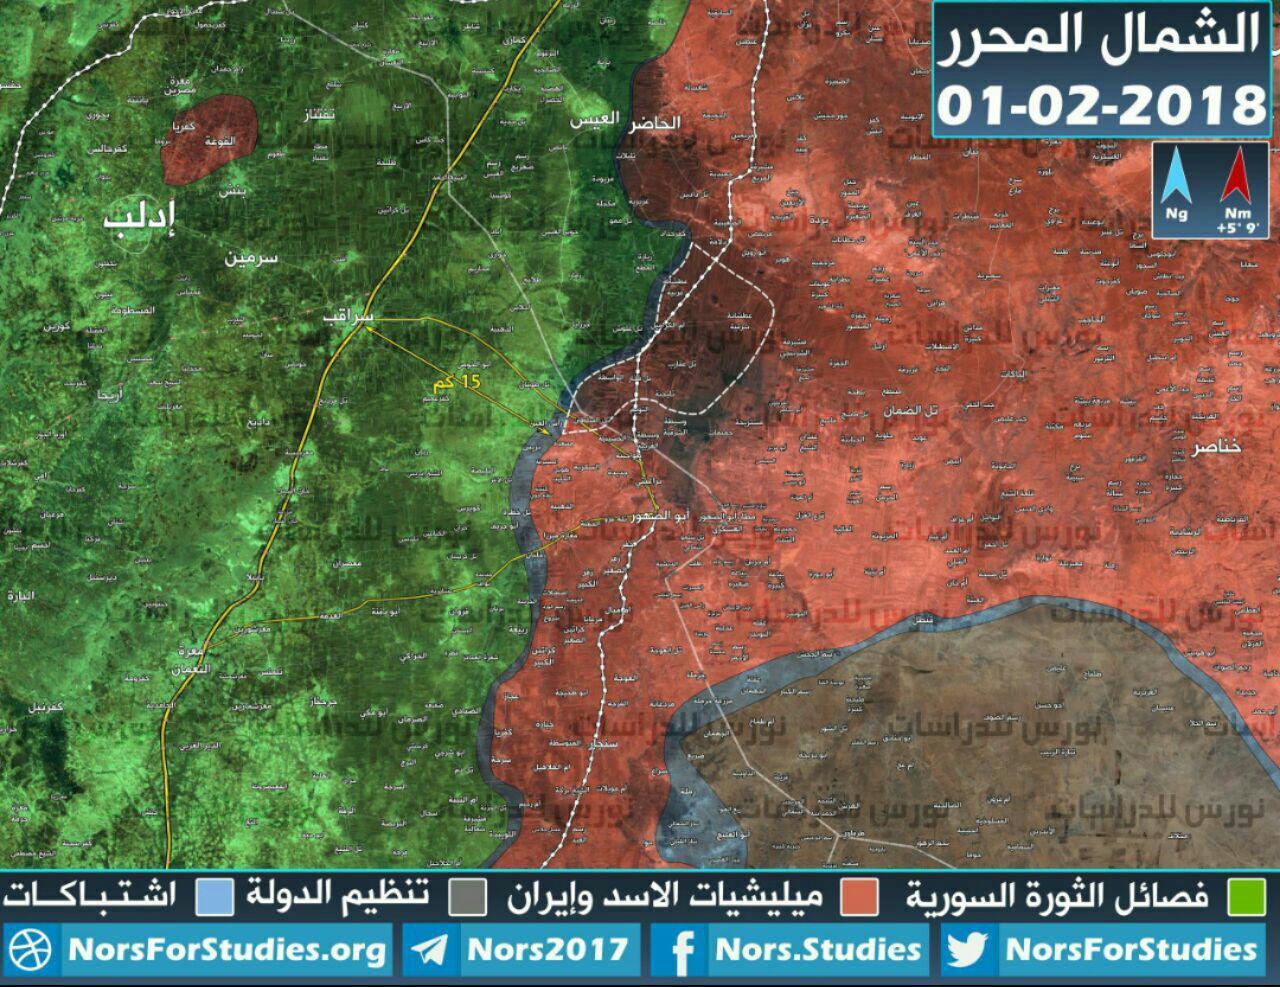 خريطة السيطرة شرقي إدلب - 2 شباط 2018 (نورس للدراسات)